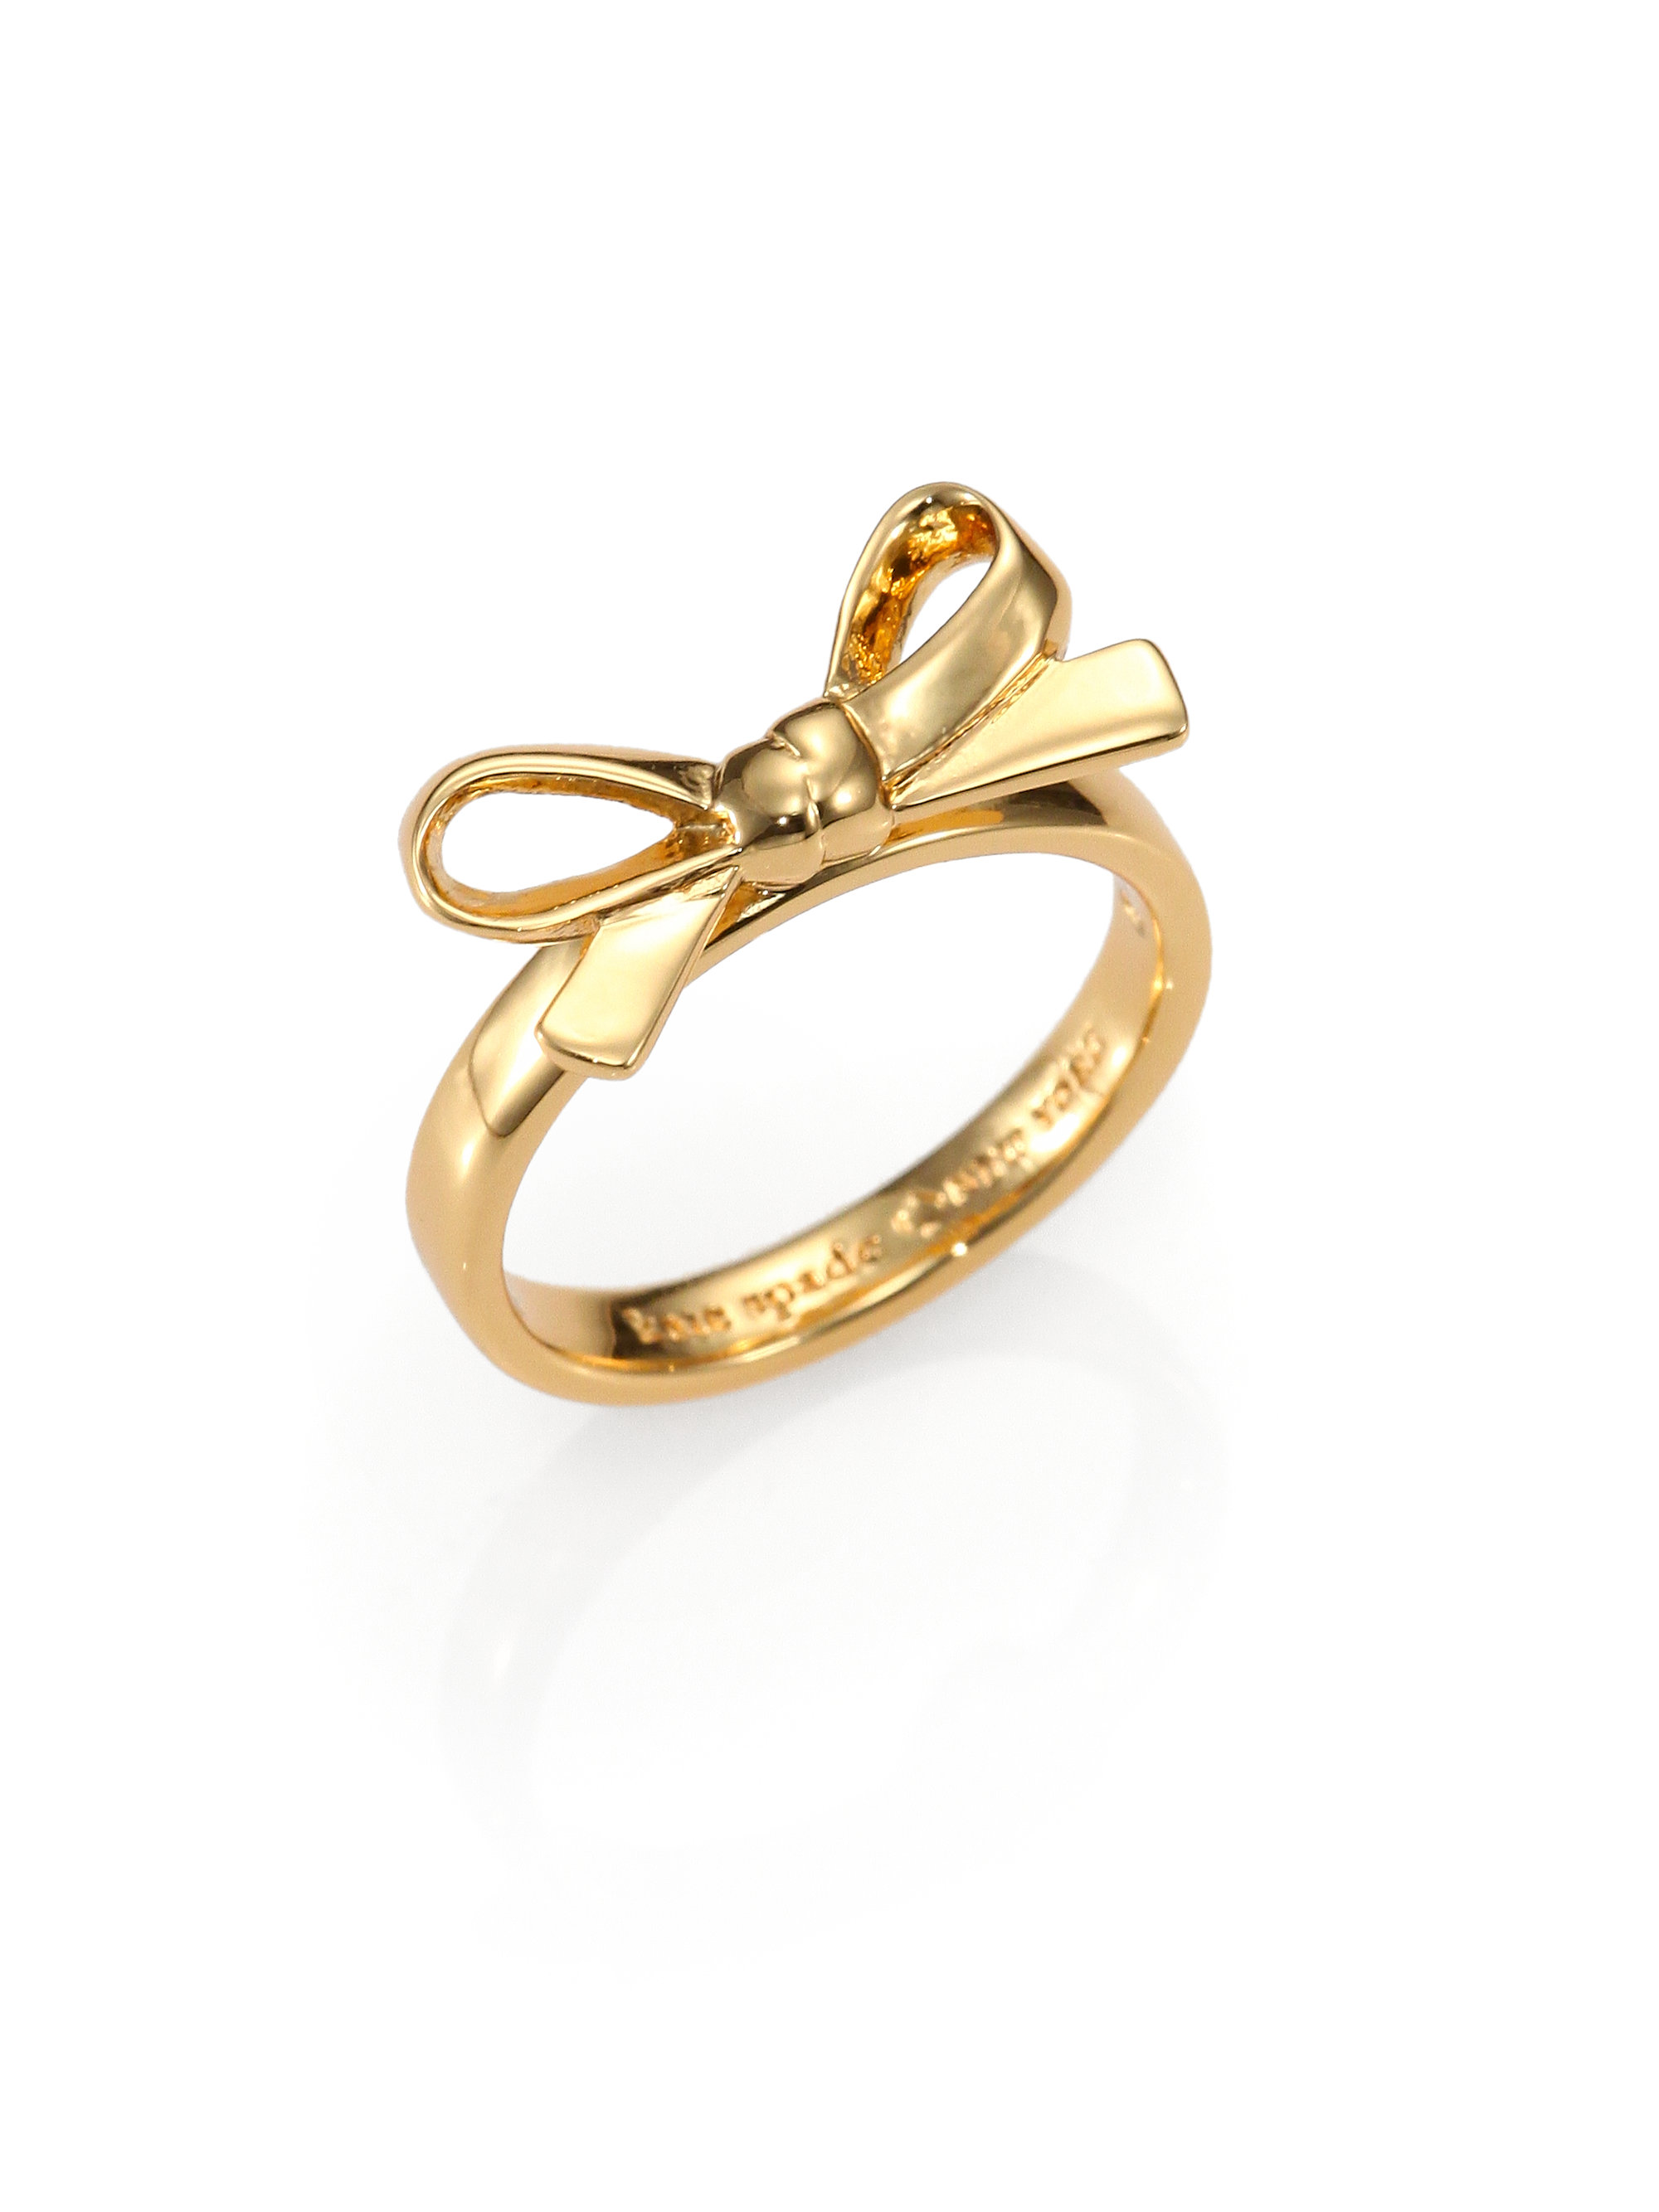 Ring Bow Il Gioiello Personalizzabile Con La Tua Nailart: Kate Spade Bow Ring In Gold